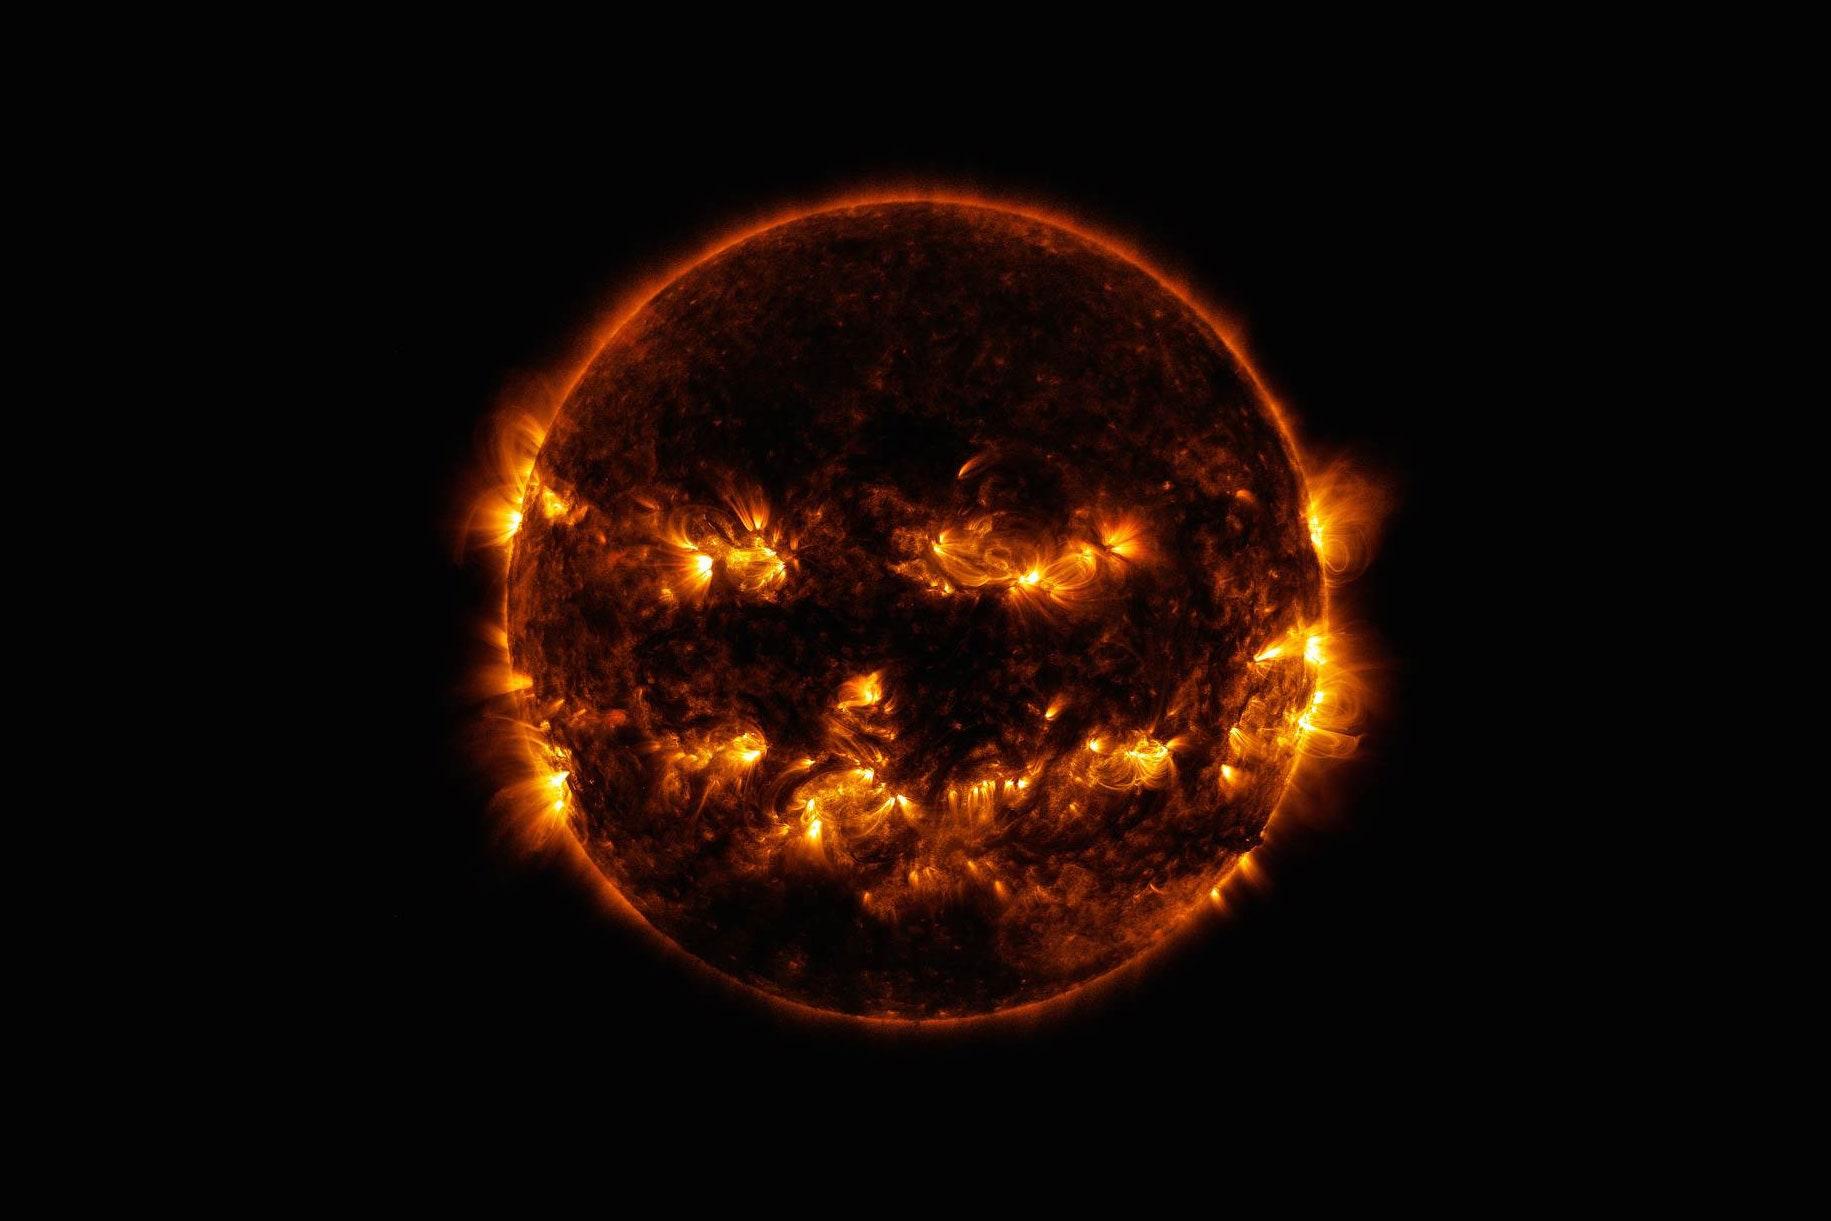 Bude kosmické lodě ve Sluneční soustavě pohánět Slunce? Kredit: NASA.